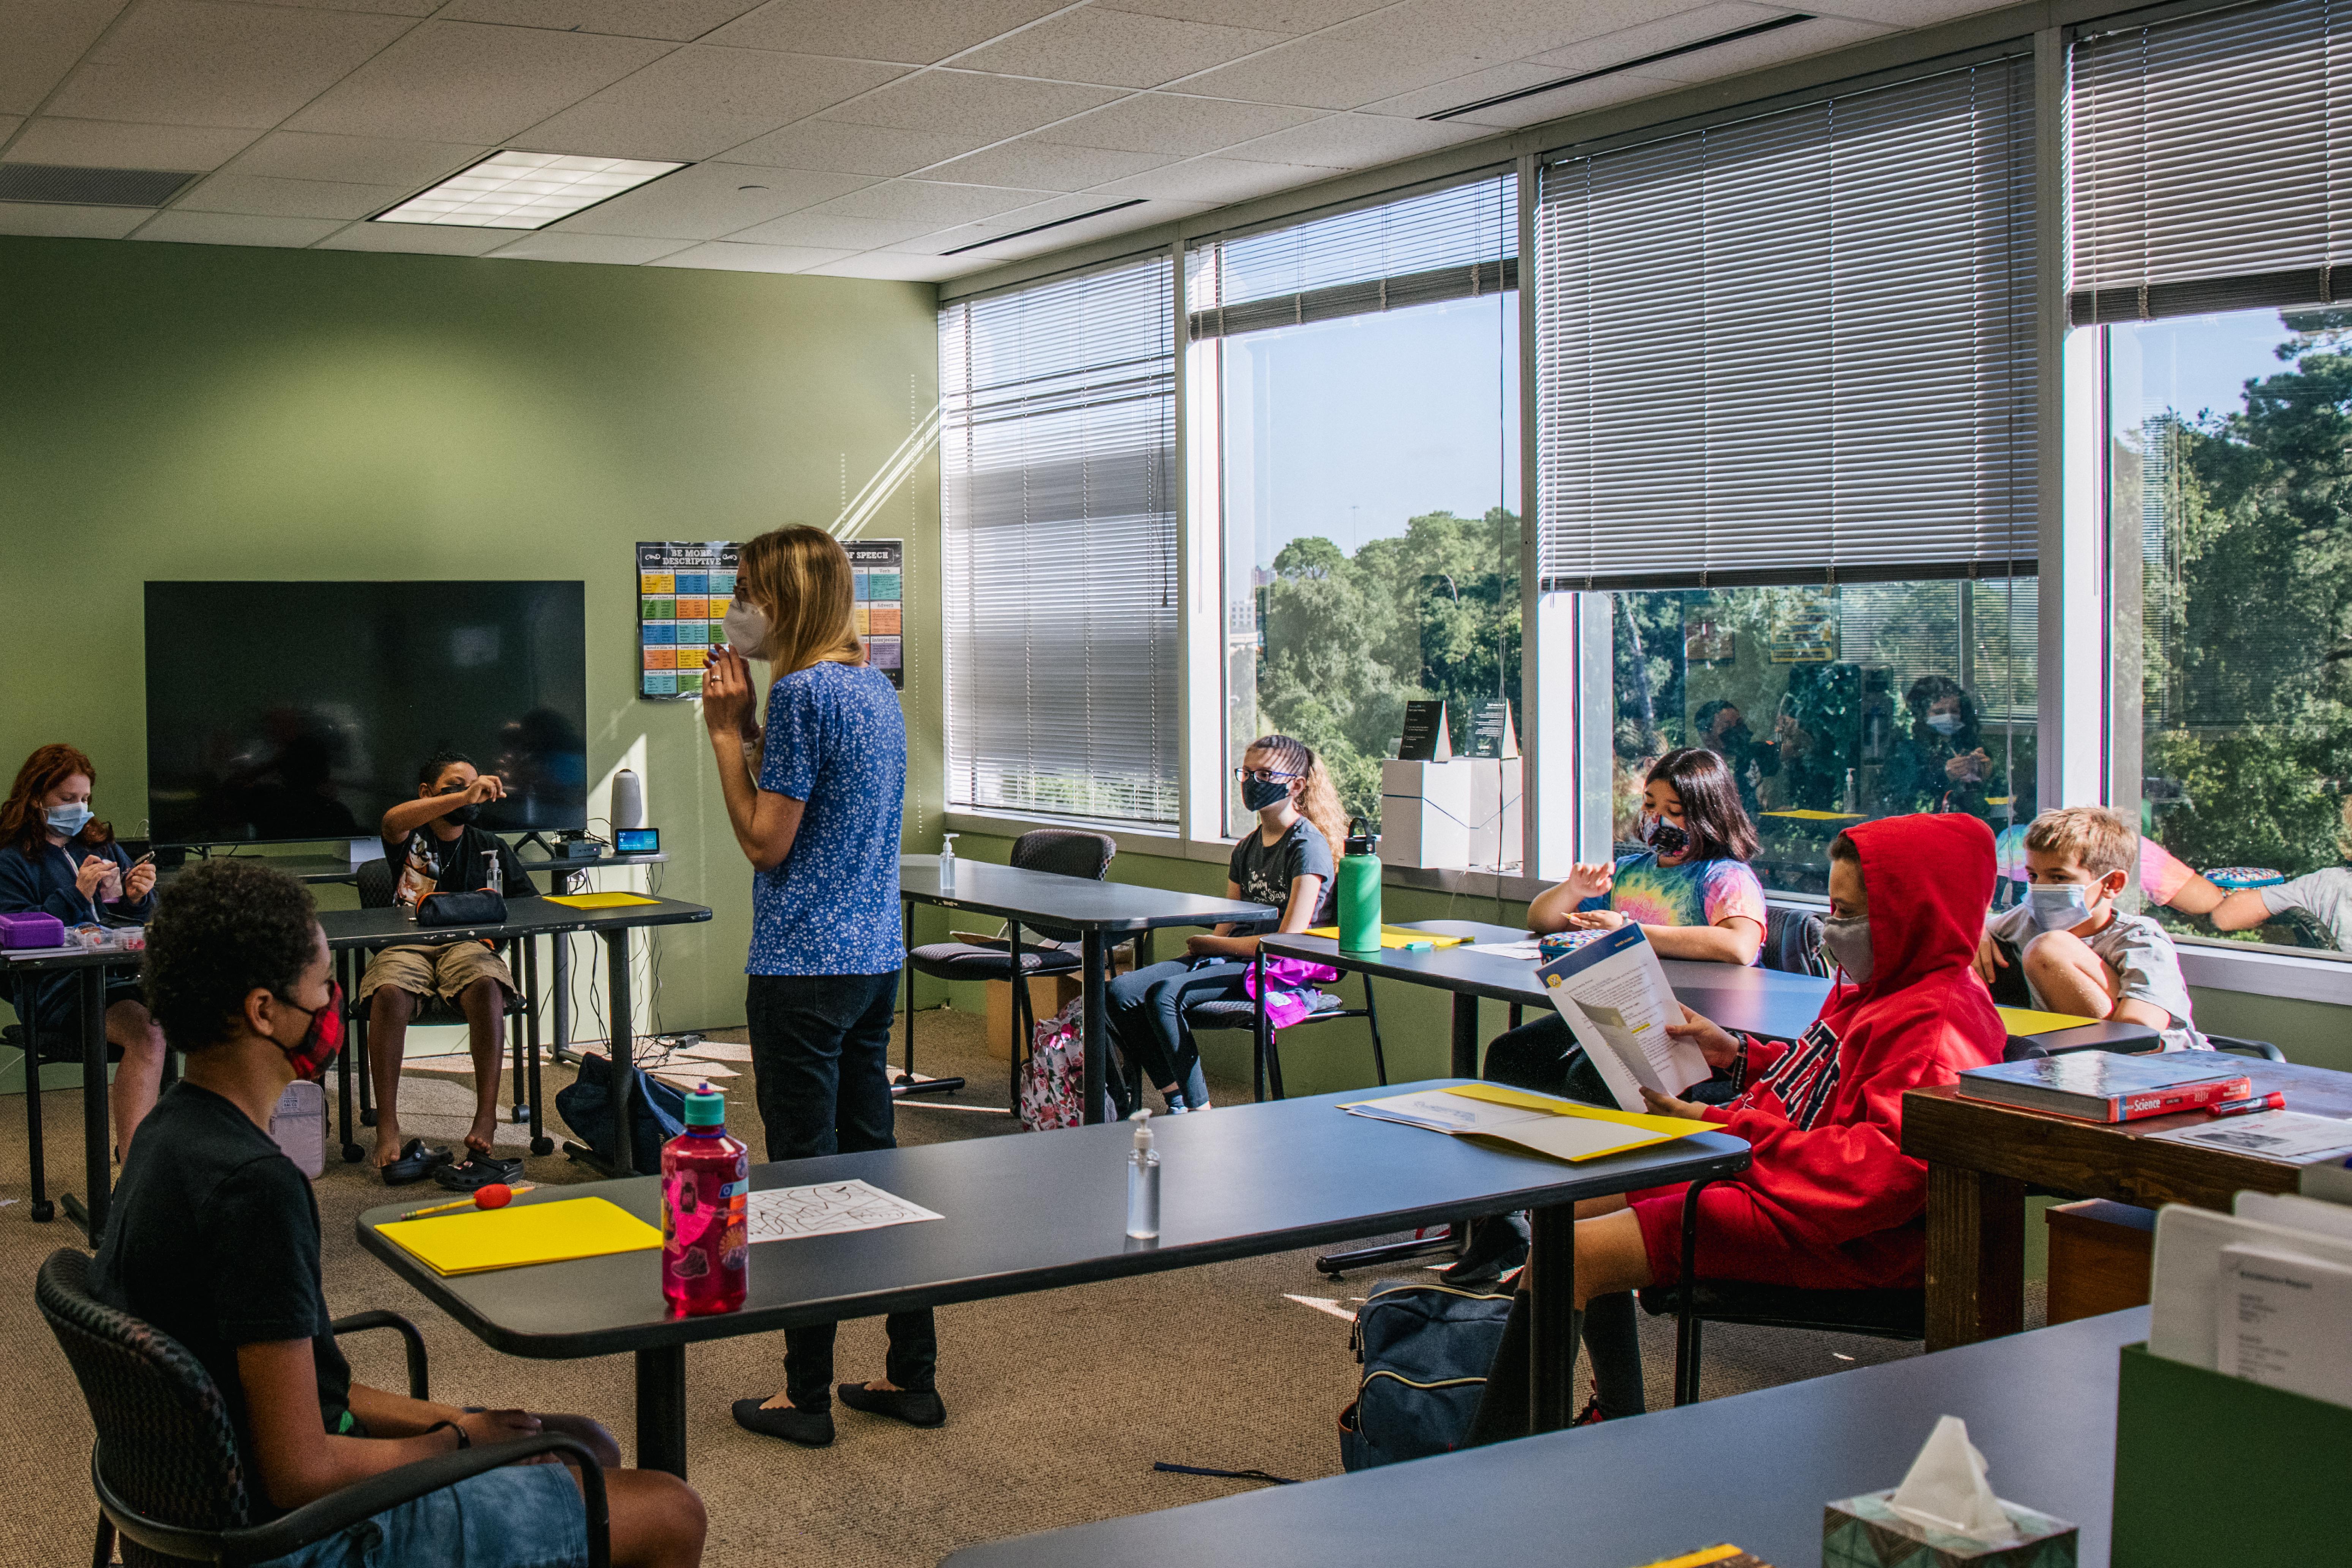 Egy texasi iskolai tisztviselő szerint ha az osztályteremben van holokausztról szóló könyv, kell lennie azzal ellentétes nézeteket tartalmazó könyvnek is